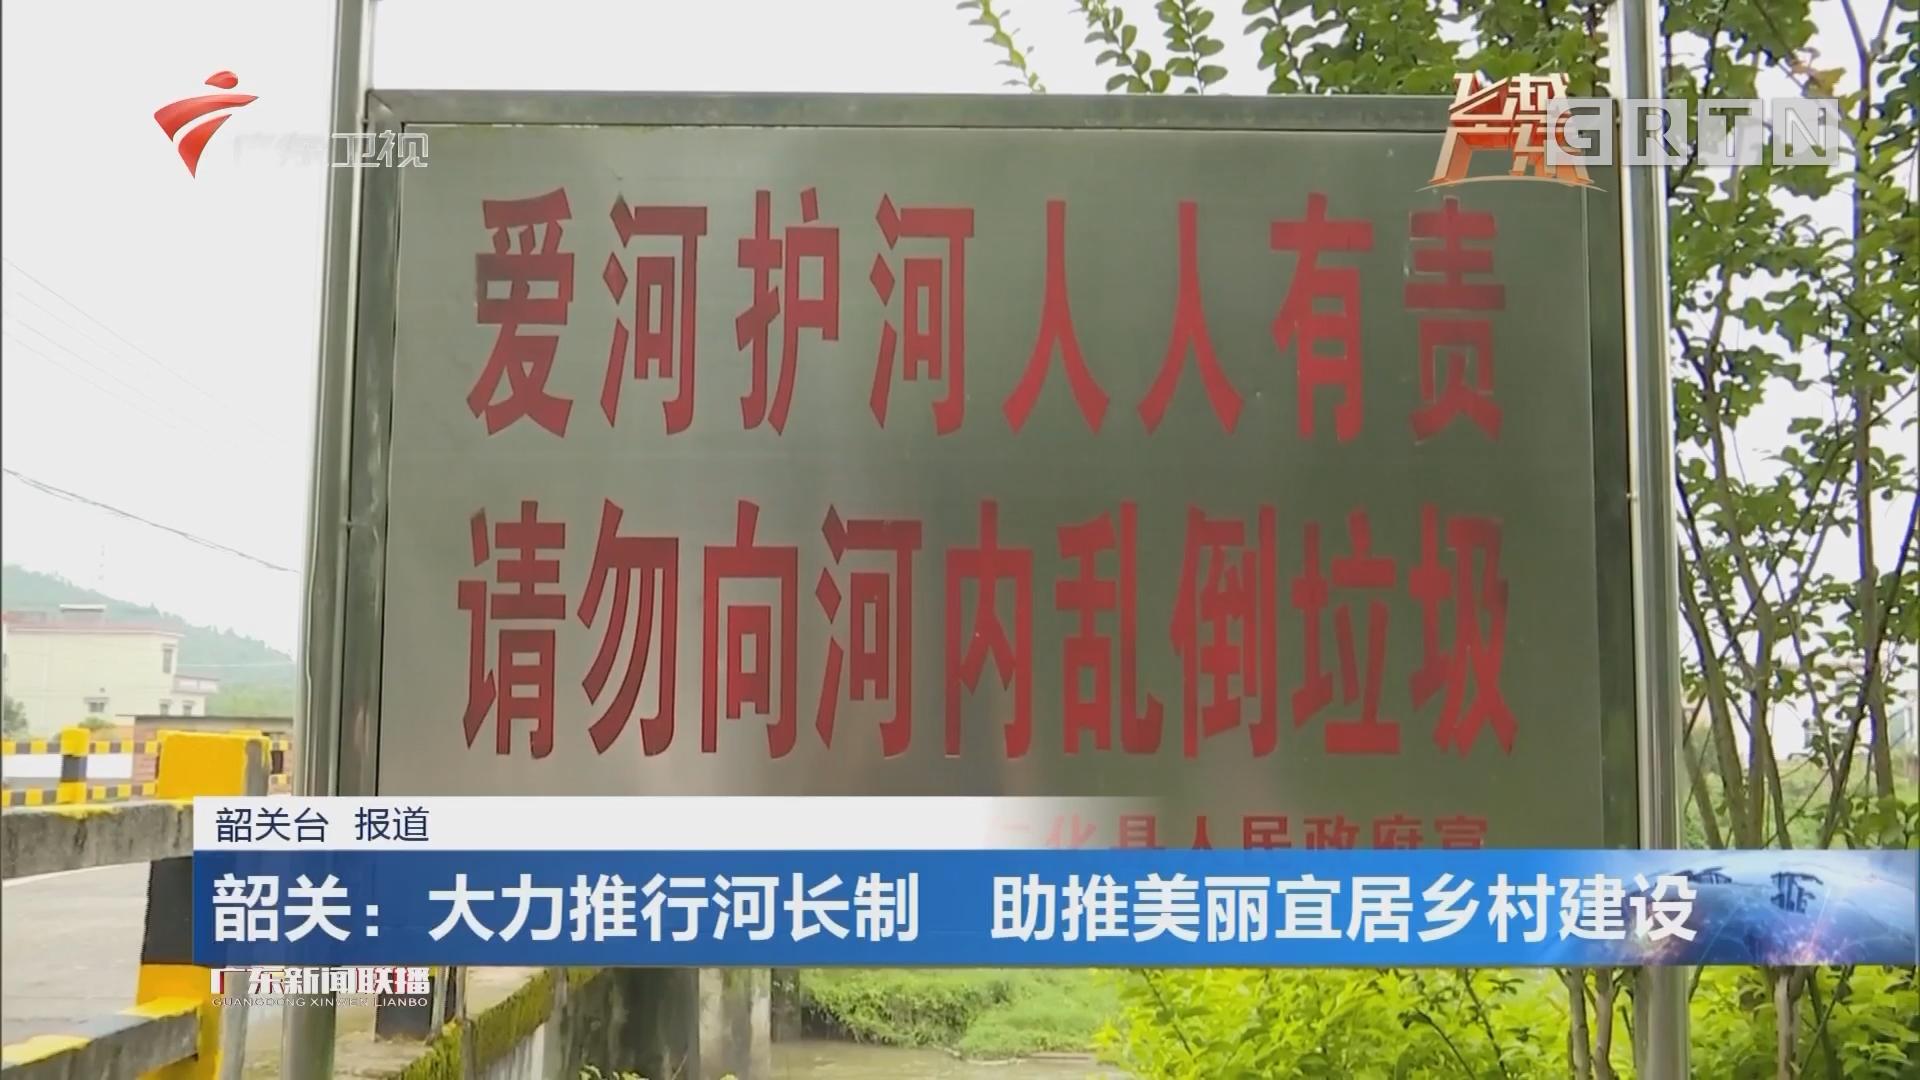 韶关:大力推行河长制 助推美丽宜居乡村建设